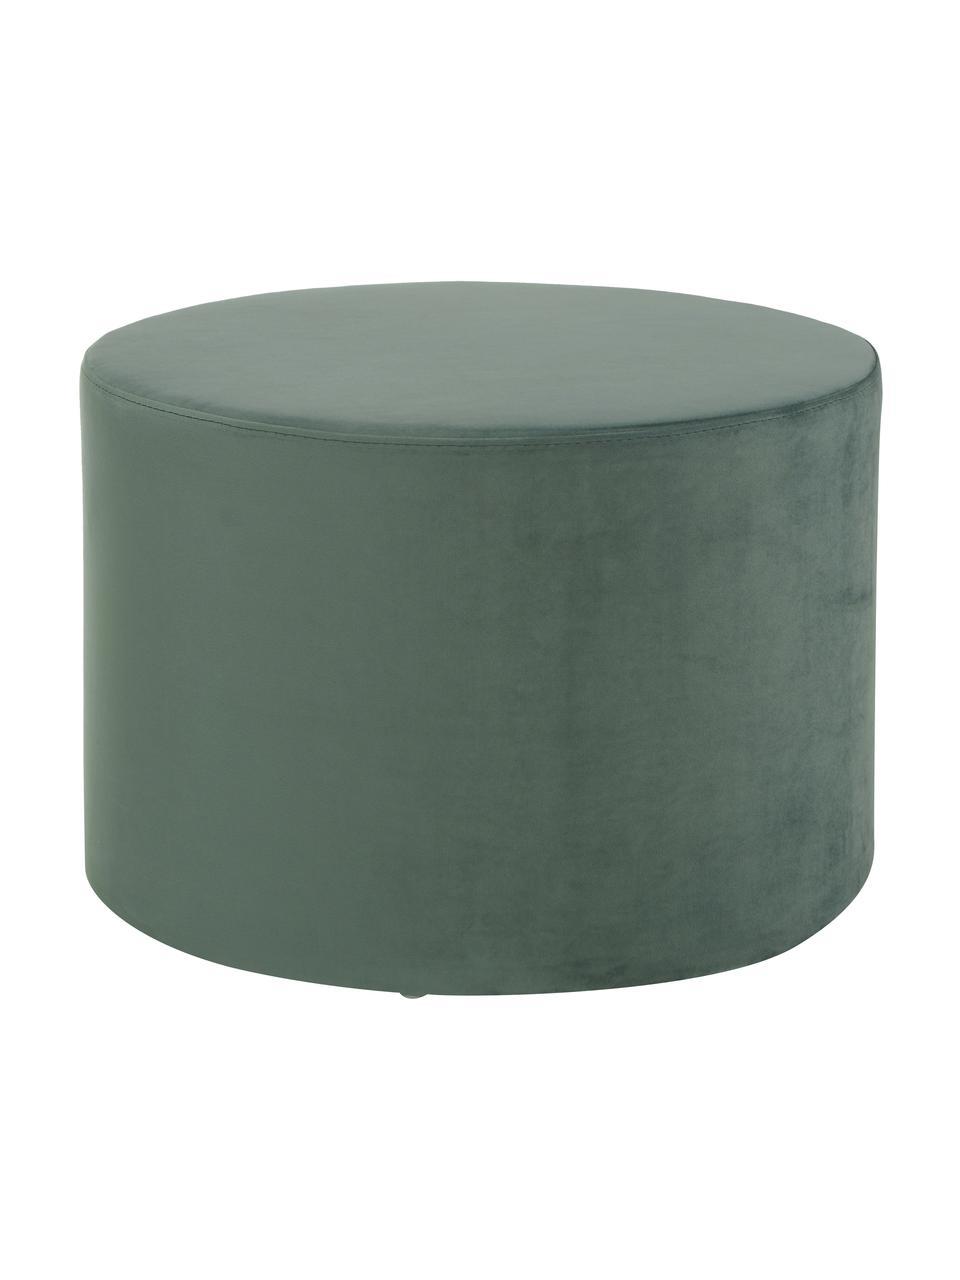 Pouf in velluto Daisy, Rivestimento: velluto (poliestere) Con , Struttura: compensato, Verde chiaro, Ø 54 x Alt. 38 cm